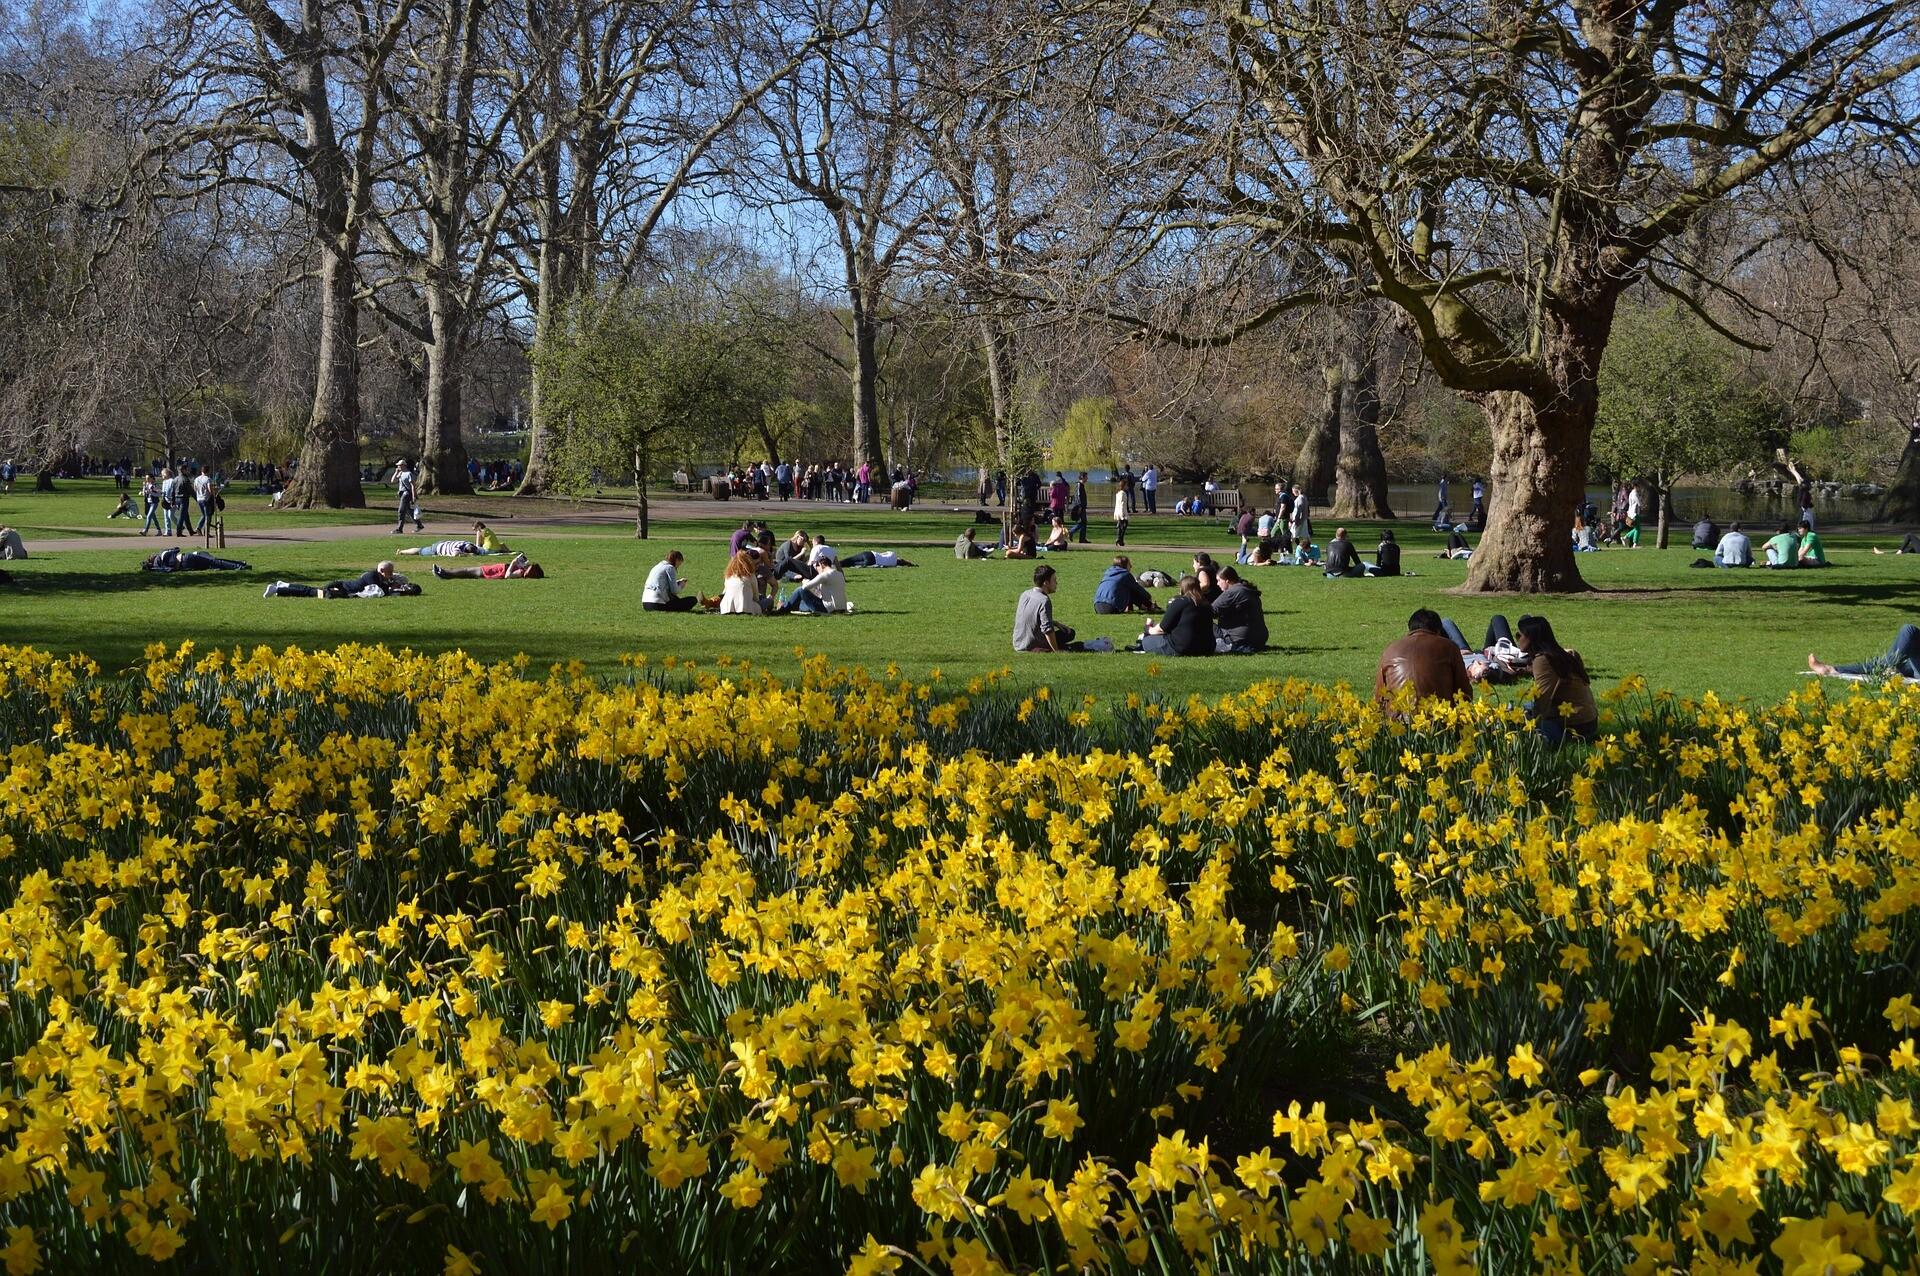 Principales atracciones turísticas de Londres - Lo mejor para hacer en Londres (Parte IV)